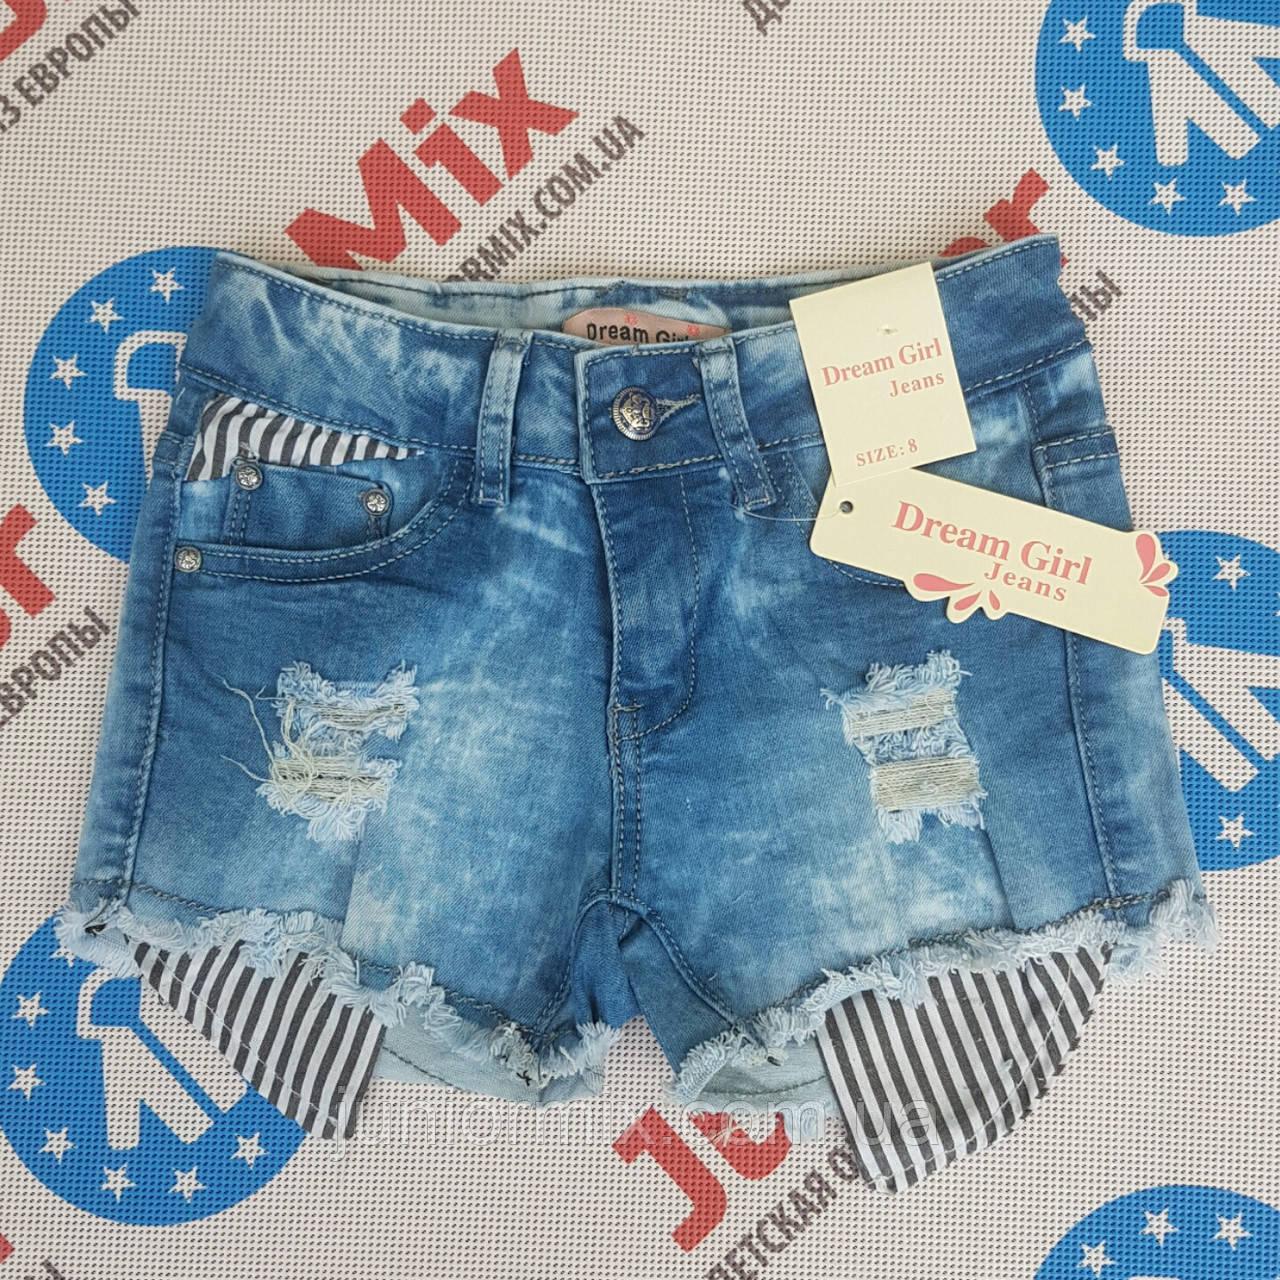 Джинсовые шорты на девочку Dream Girl